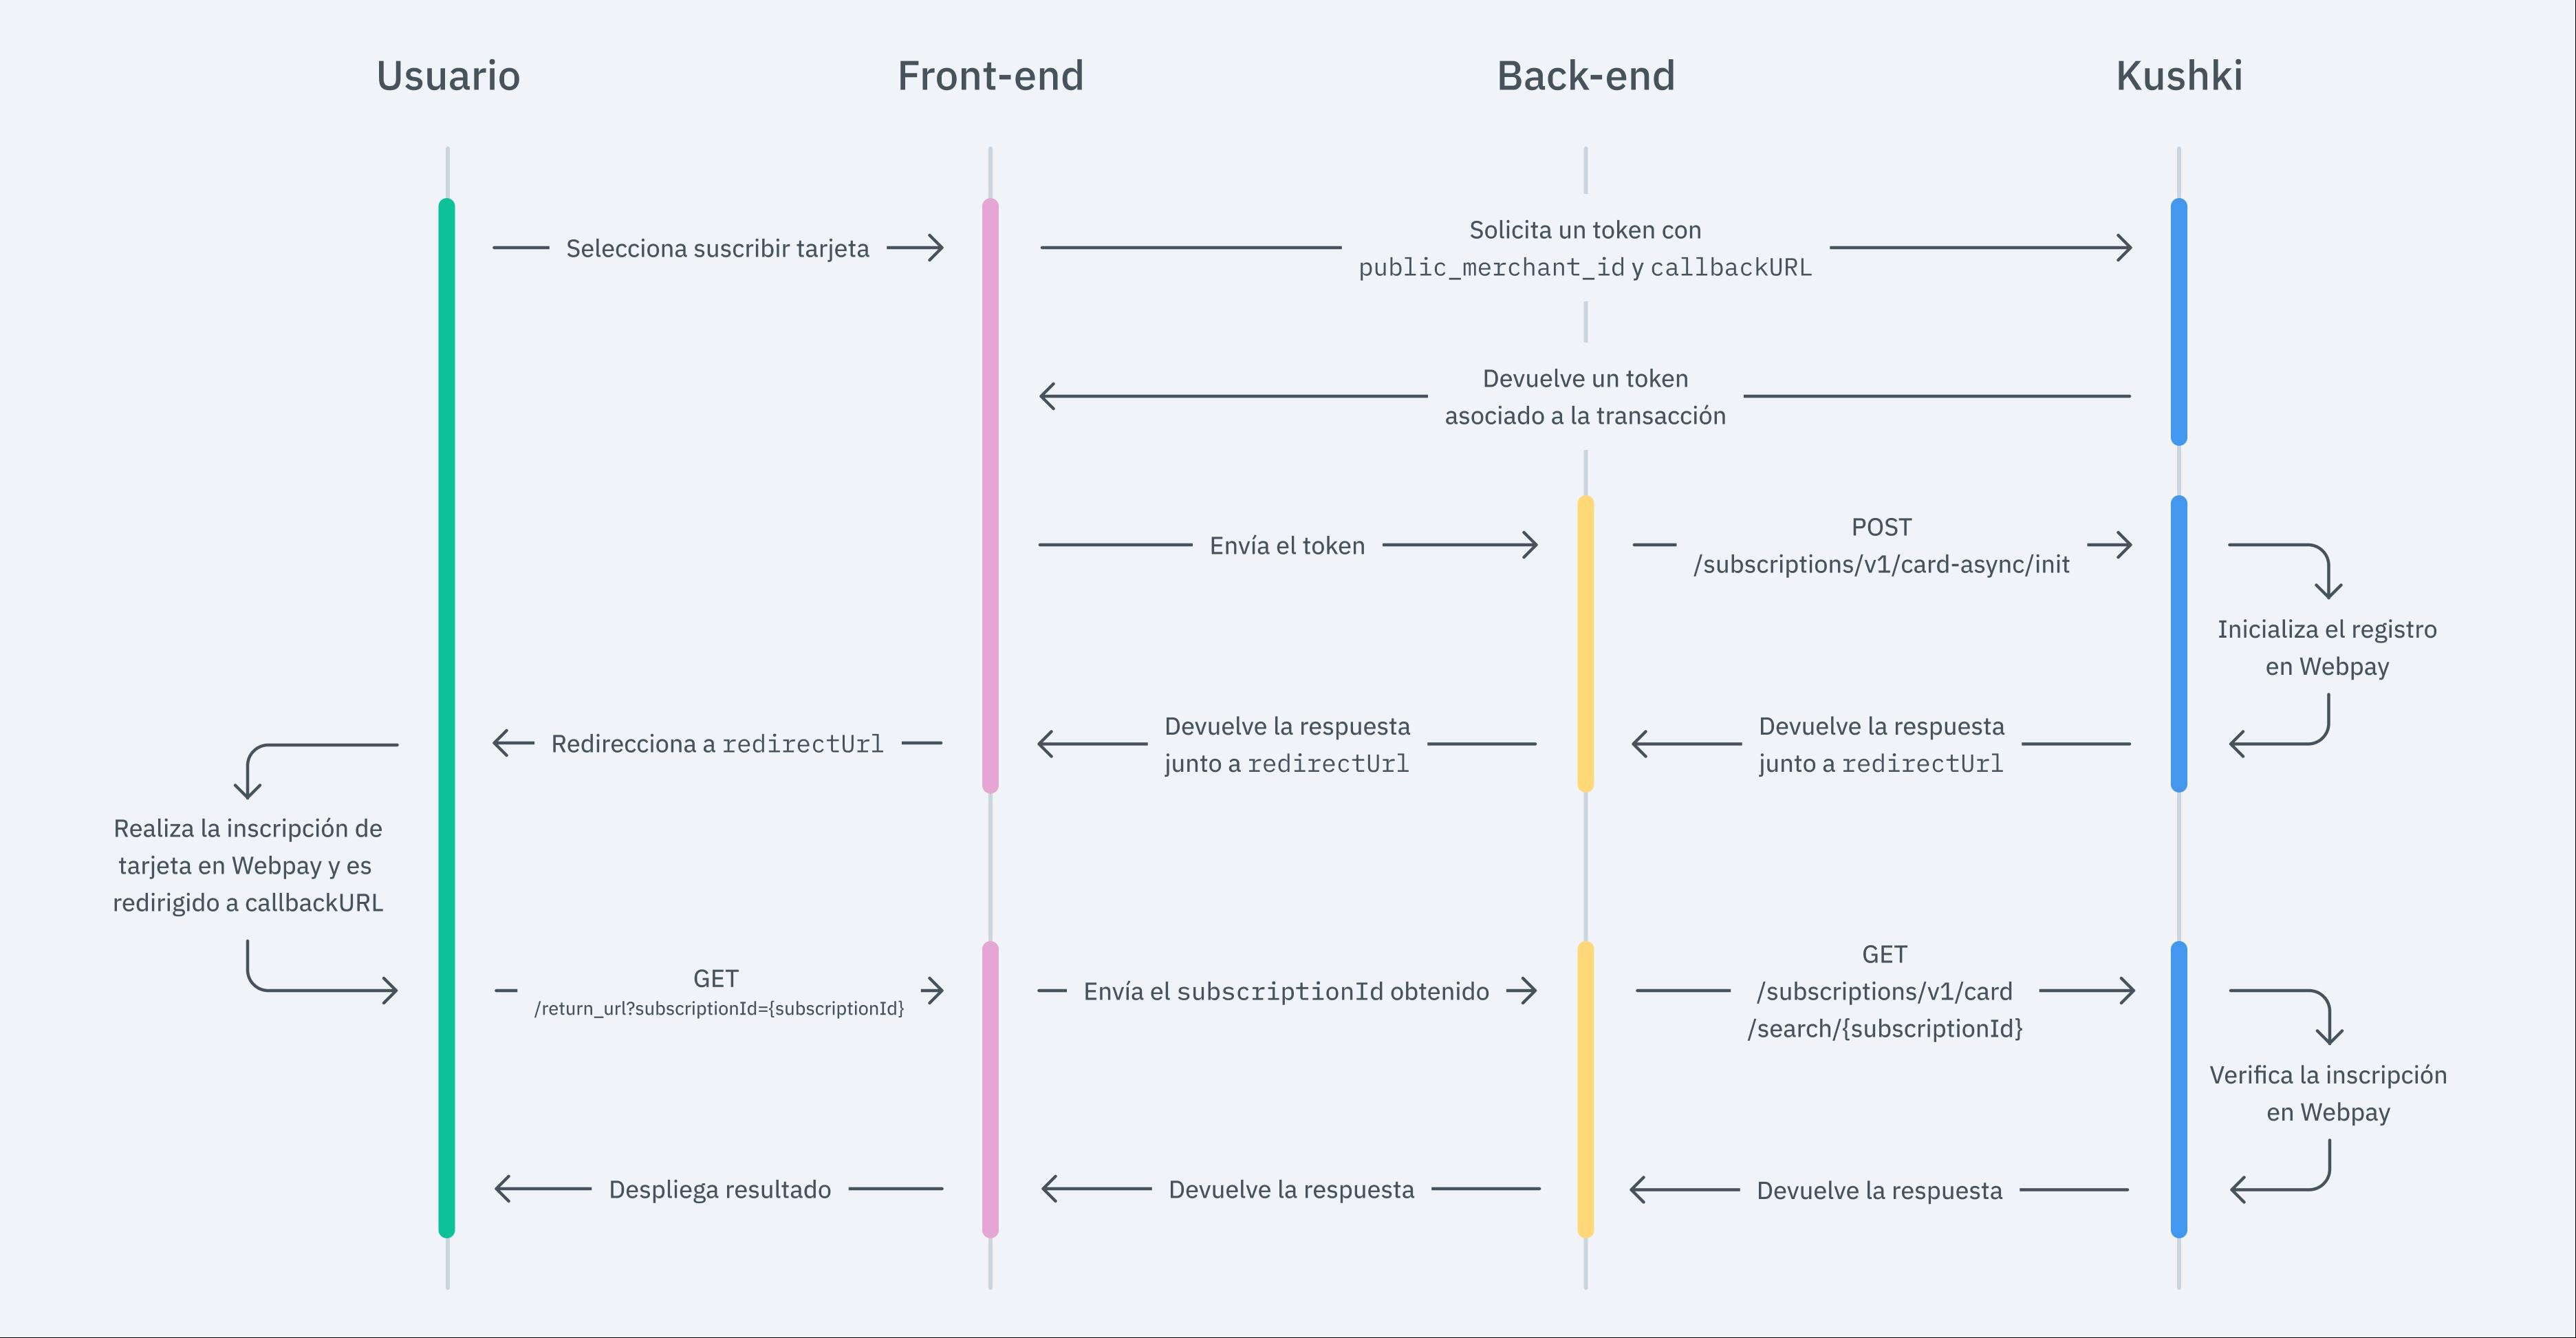 Flujo Webpay oneclick (suscripción)